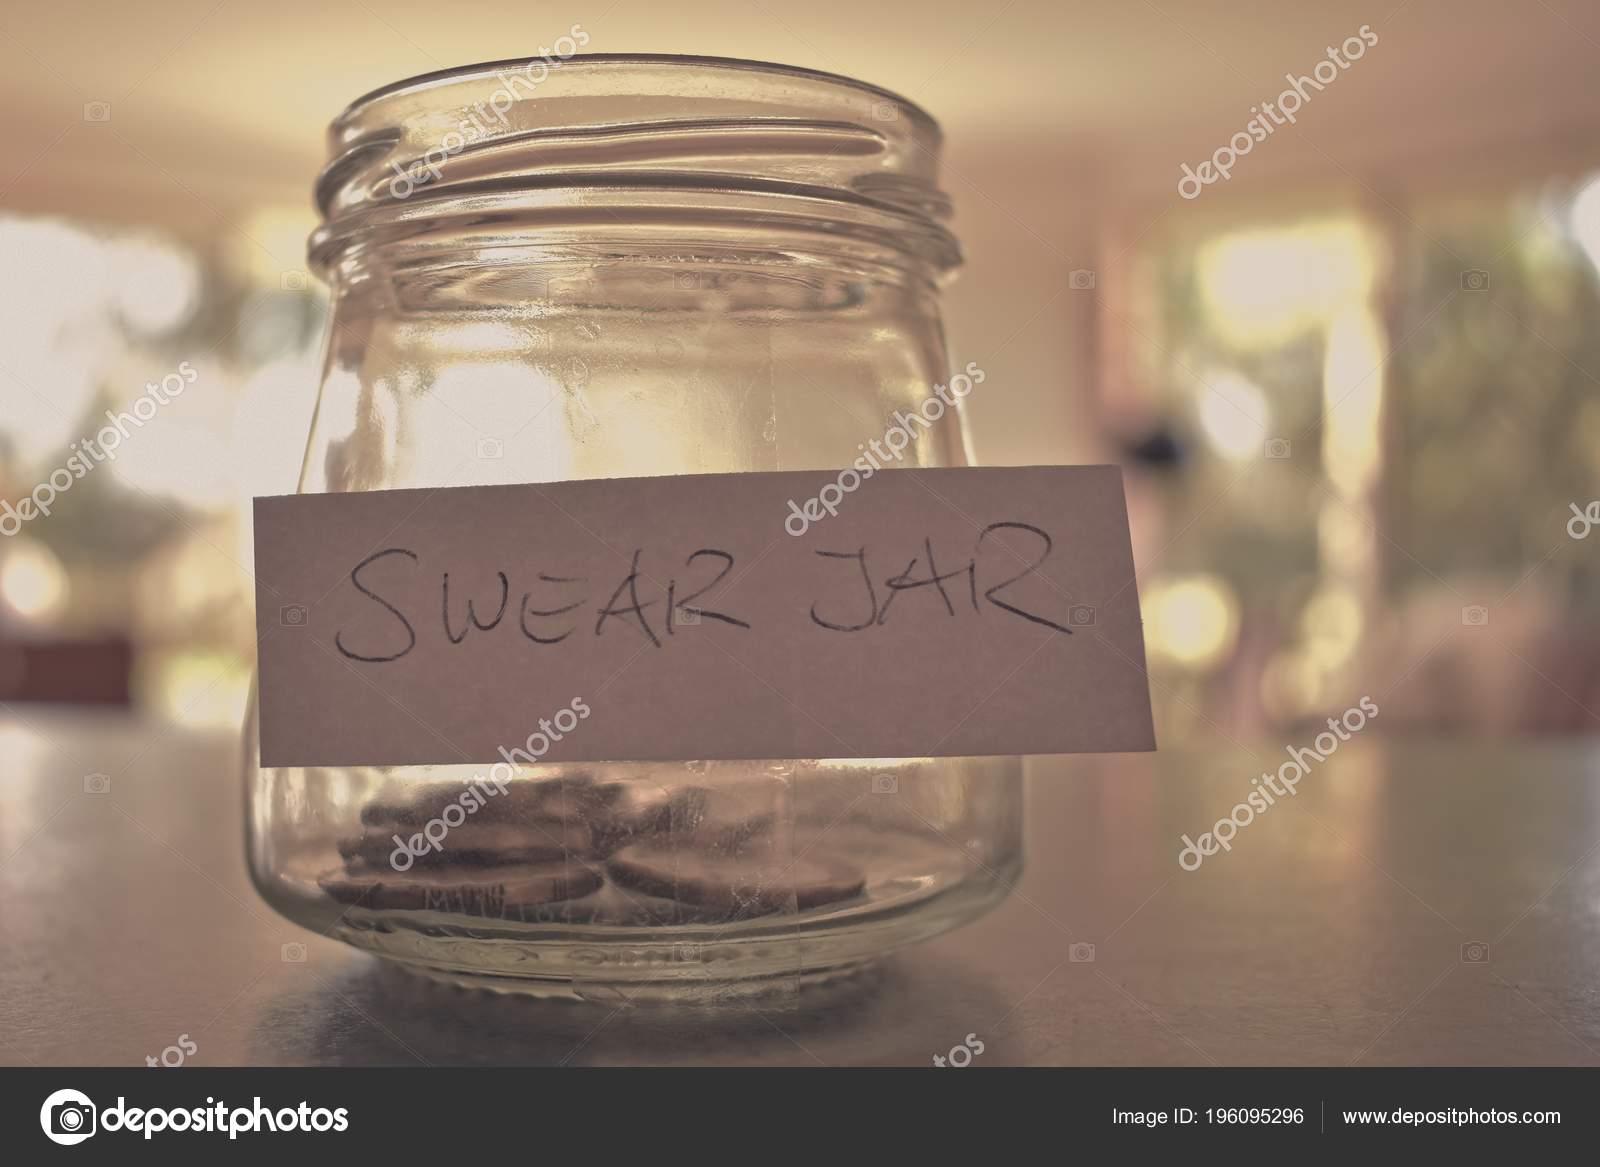 Swear Jar Stock Photos Royalty Free Swear Jar Images Depositphotos